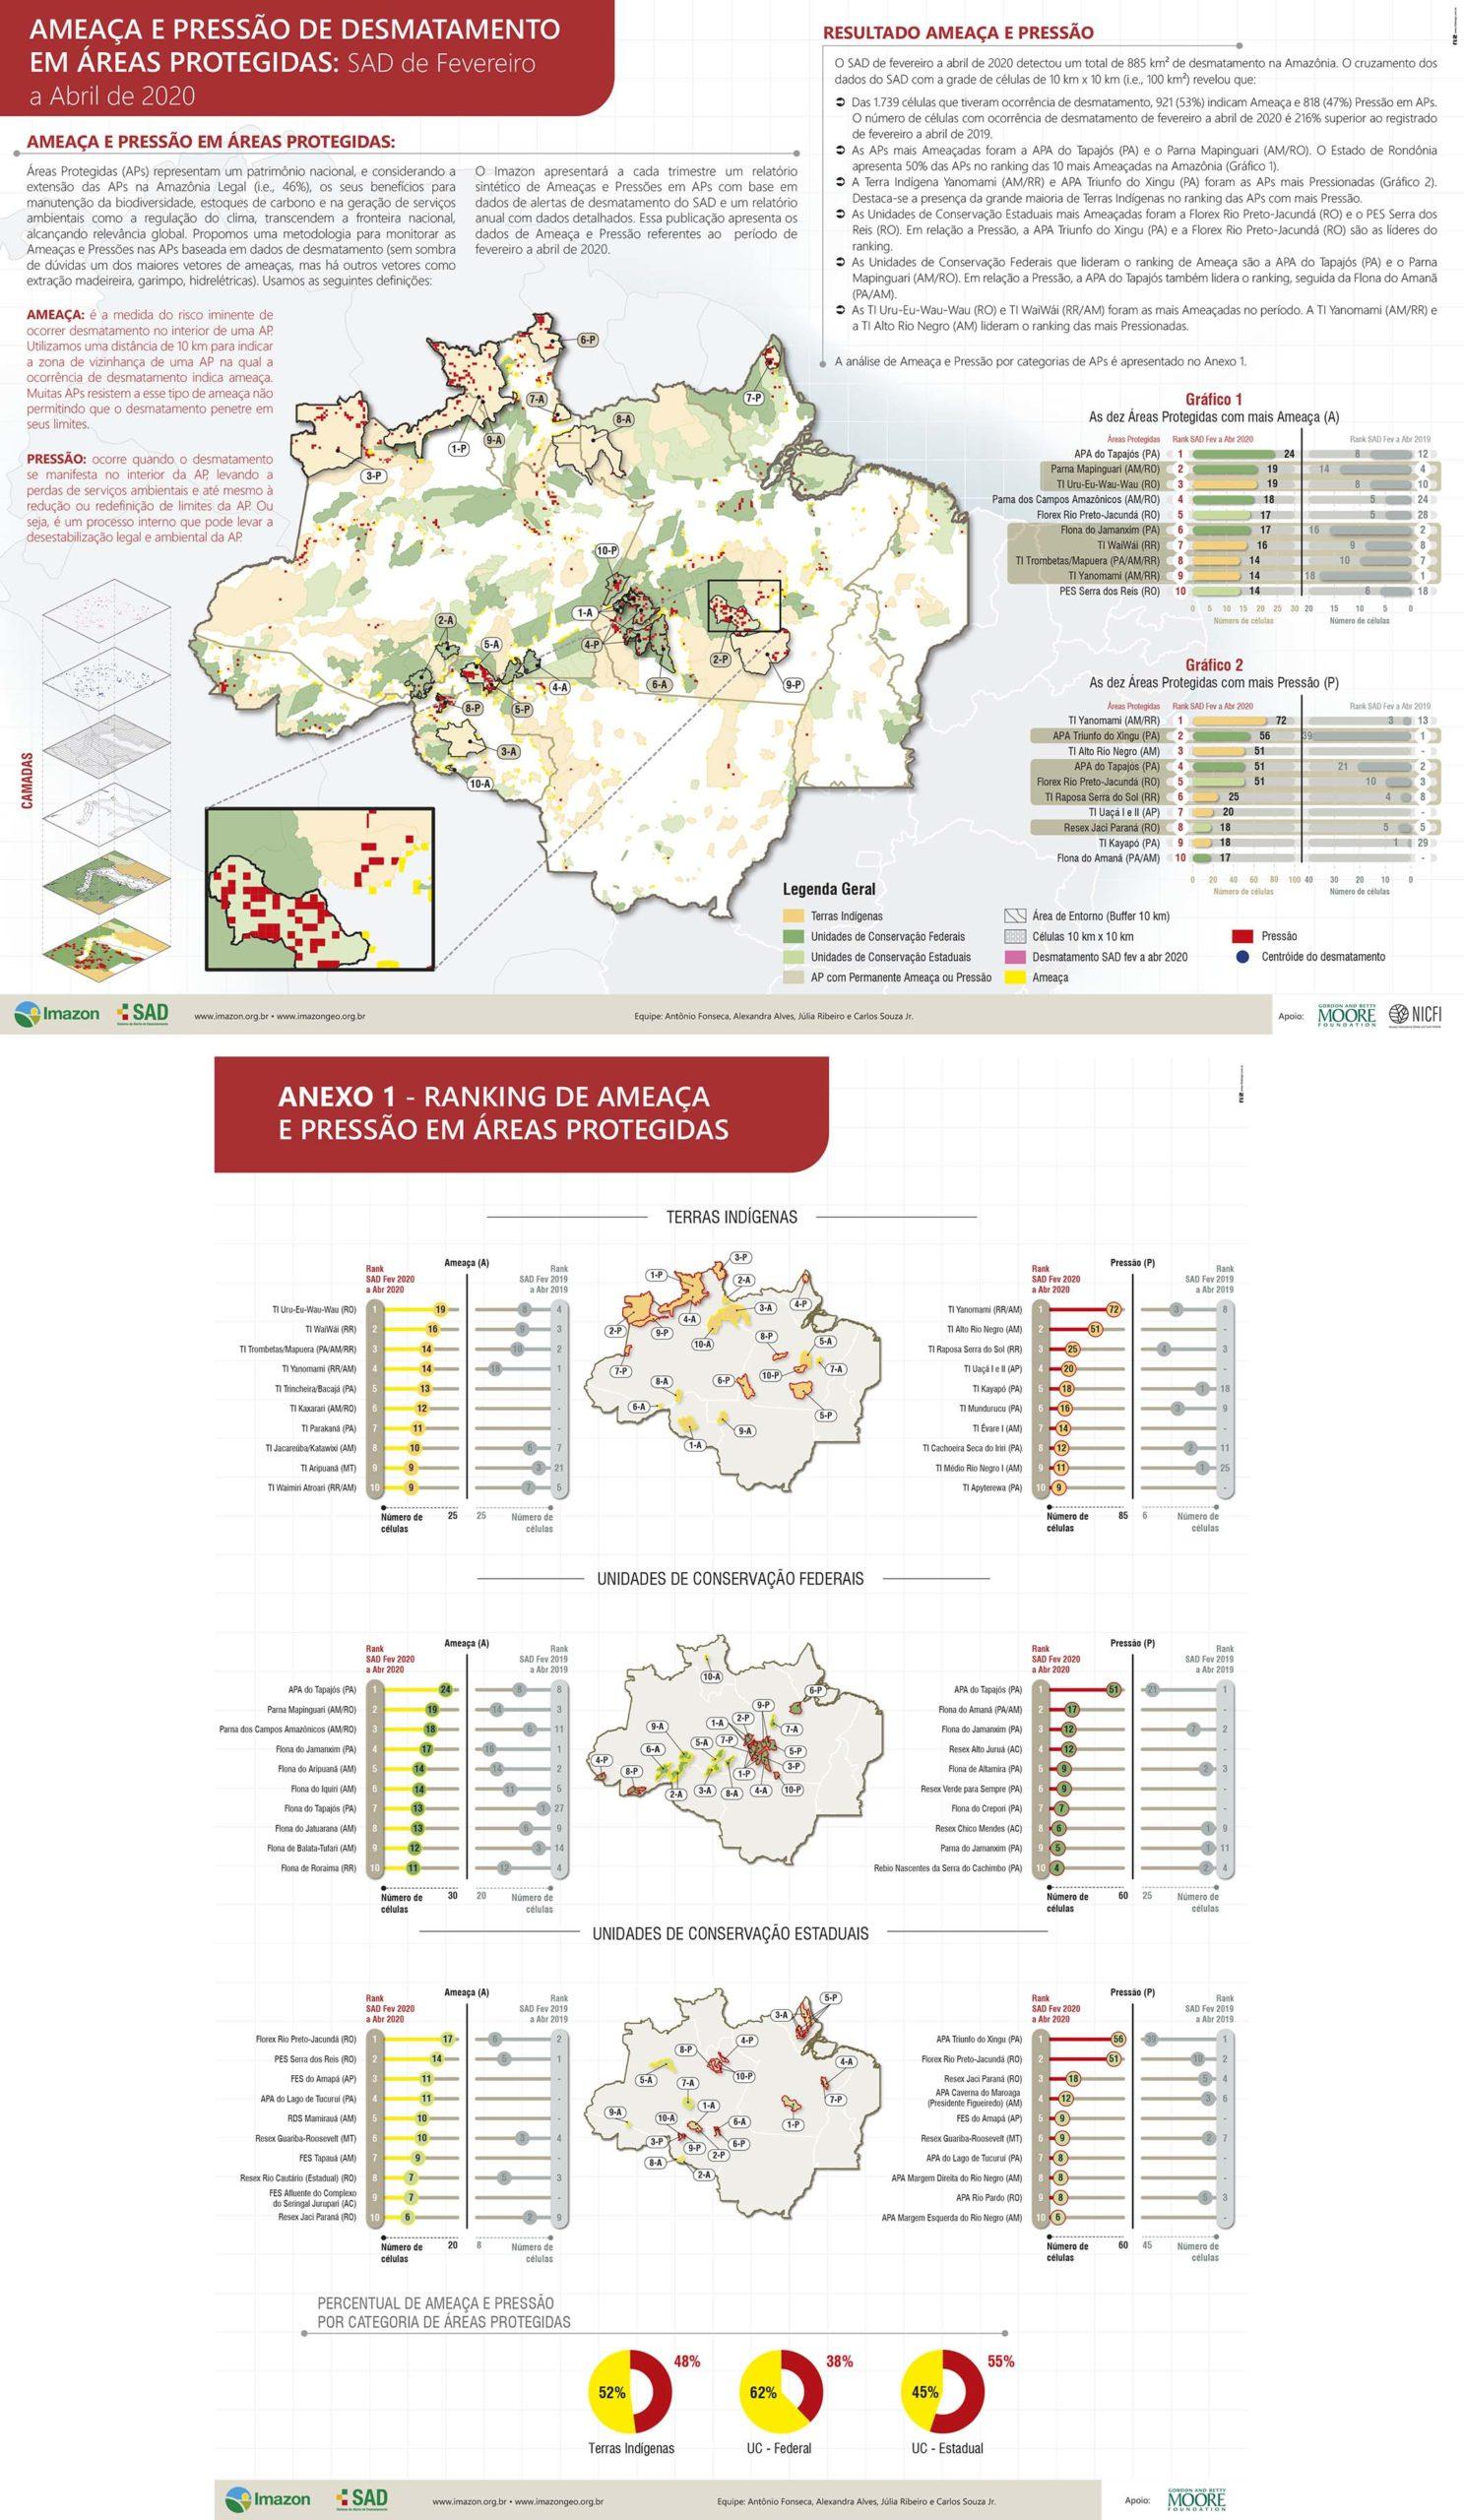 Ameaça e Pressão Fev Abr 2020 scaled - Ameaça e Pressão de Desmatamento em Áreas Protegidas: SAD de Fevereiro a Abril de 2020